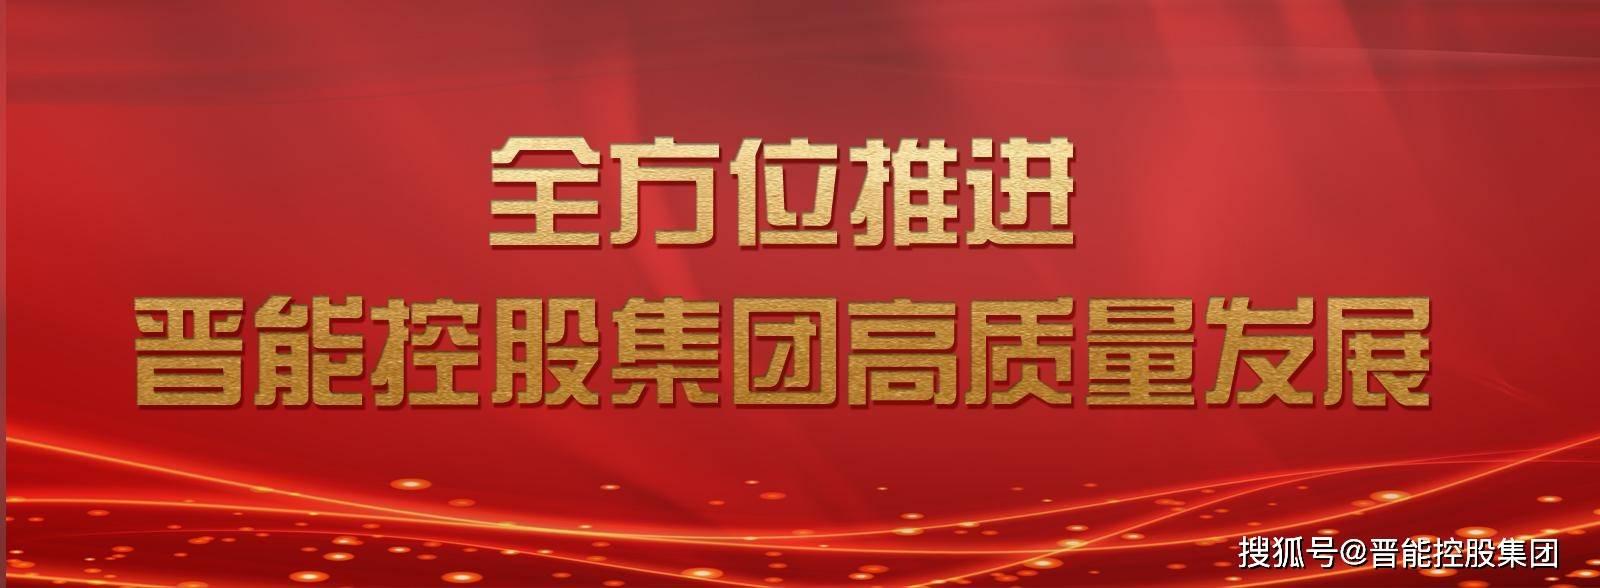 """晋能控股集团:""""电力引擎""""赋能高质量发展"""